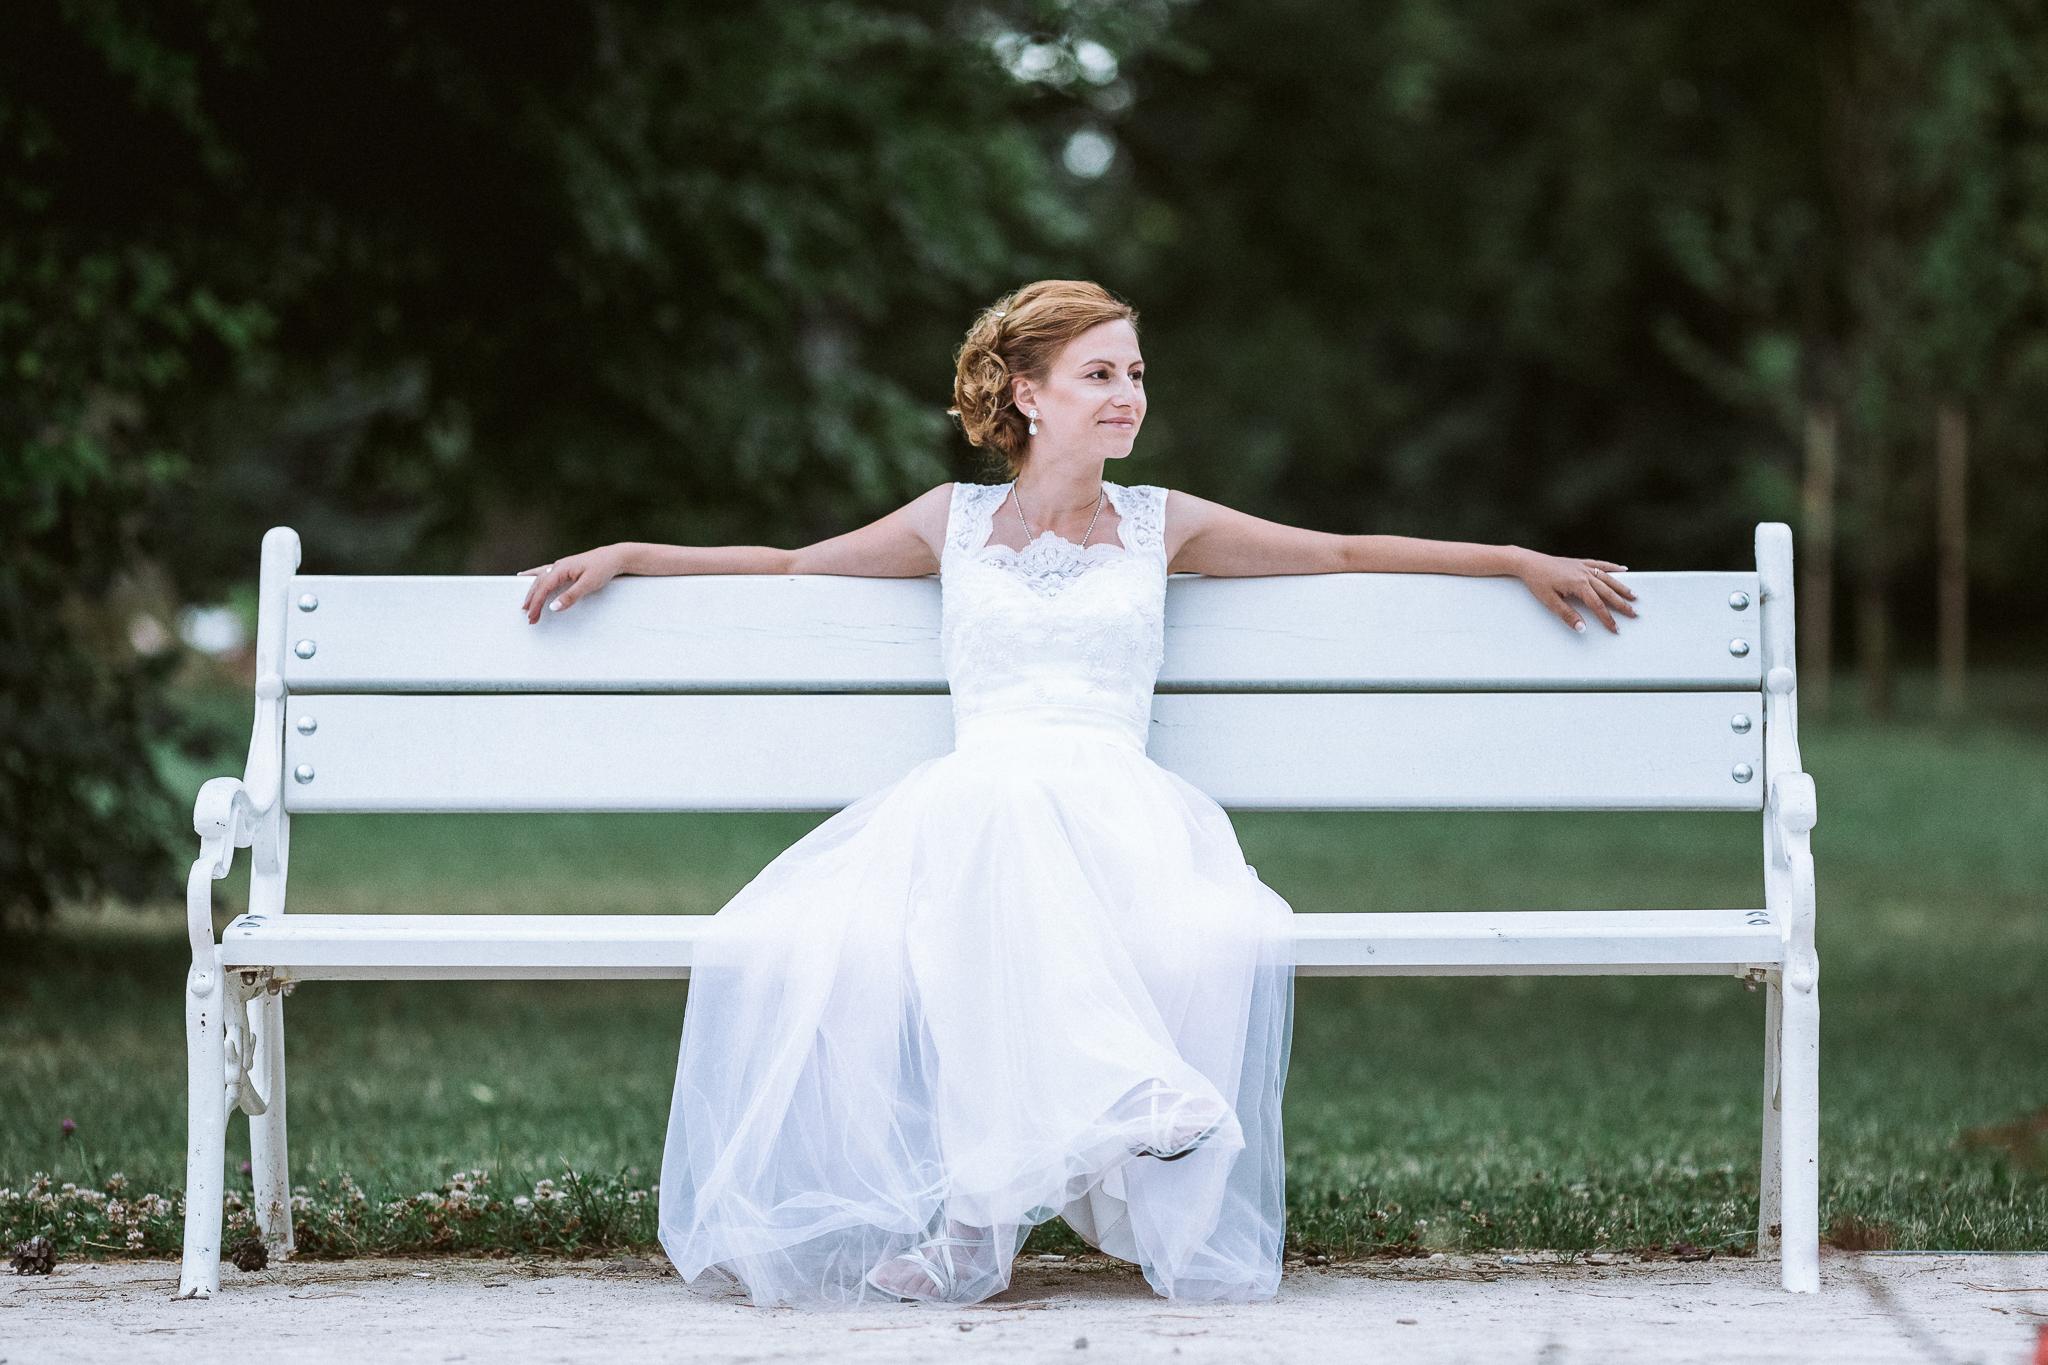 FylepPhoto, esküvőfotós, esküvői fotós Körmend, Szombathely, esküvőfotózás, magyarország, vas megye, prémium, jegyesfotózás, Fülöp Péter, körmend, kreatív, fotográfus_53-2.jpg